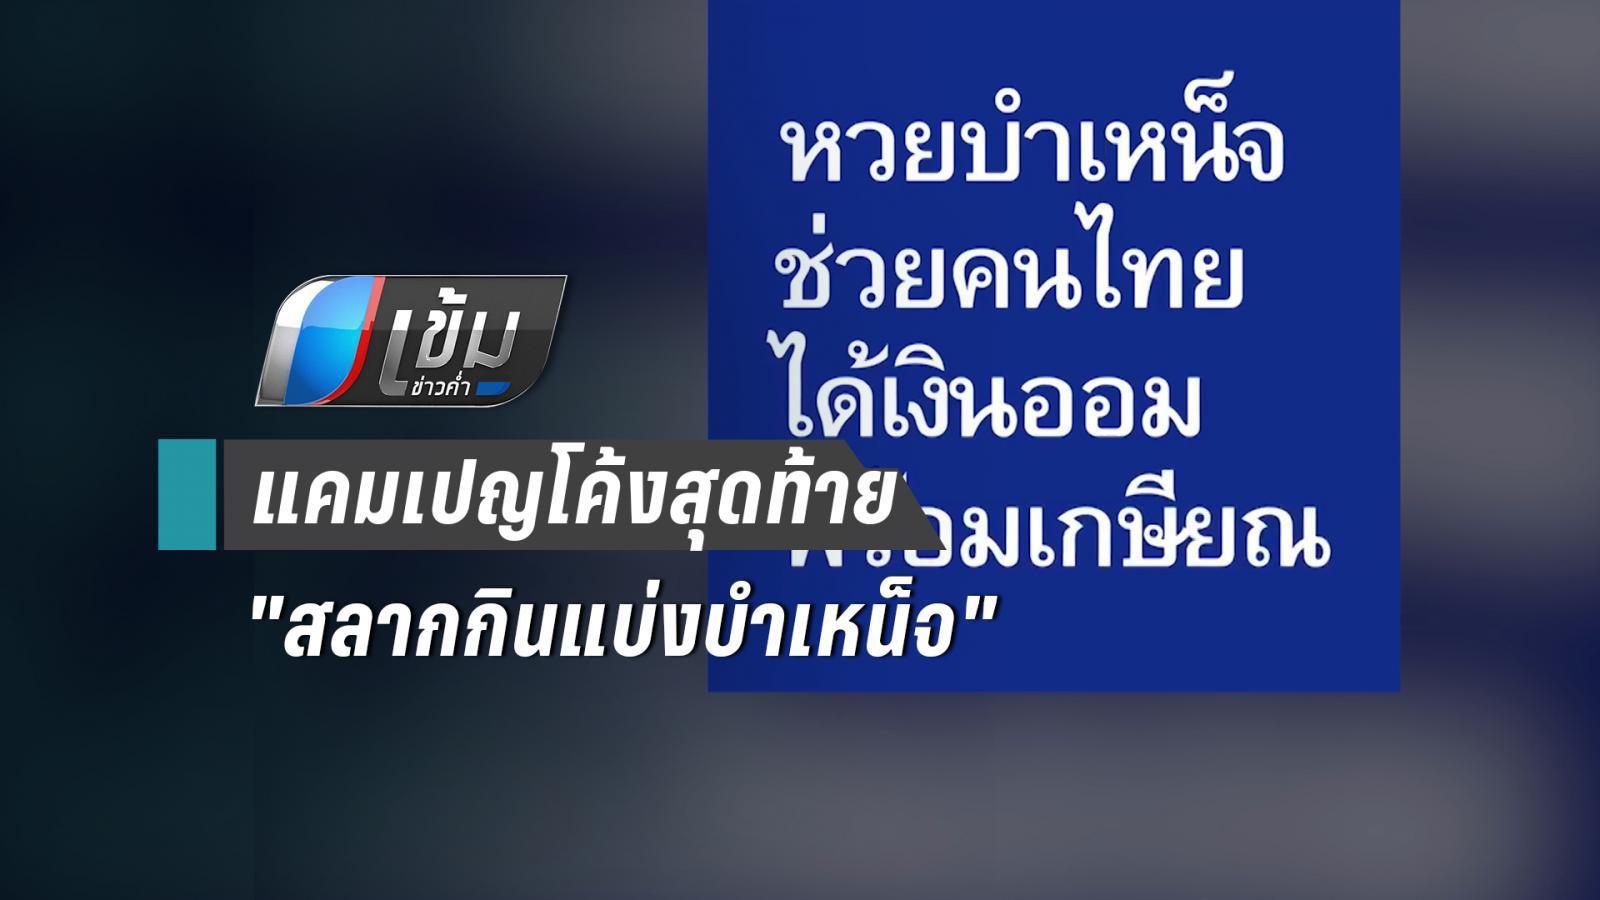 """เพื่อไทย """"เปิดนโยบายใหม่"""" สลากกินแบ่งมีเงินปันผลให้ผู้ซื้อ"""